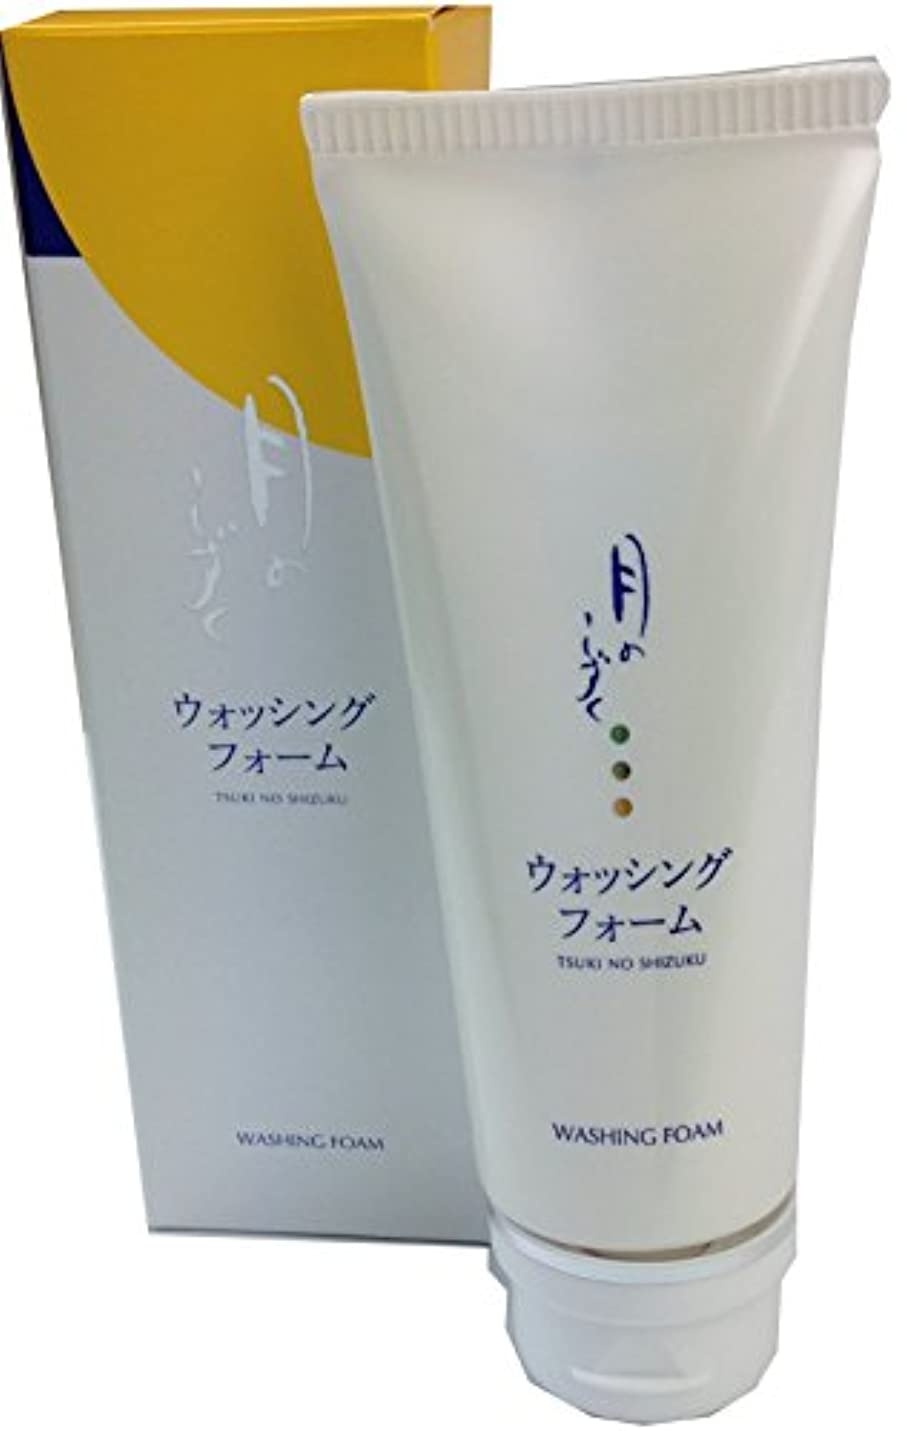 ハードシャンプー私ゆの里由来 化粧品 洗顔フォーム 110g 1本